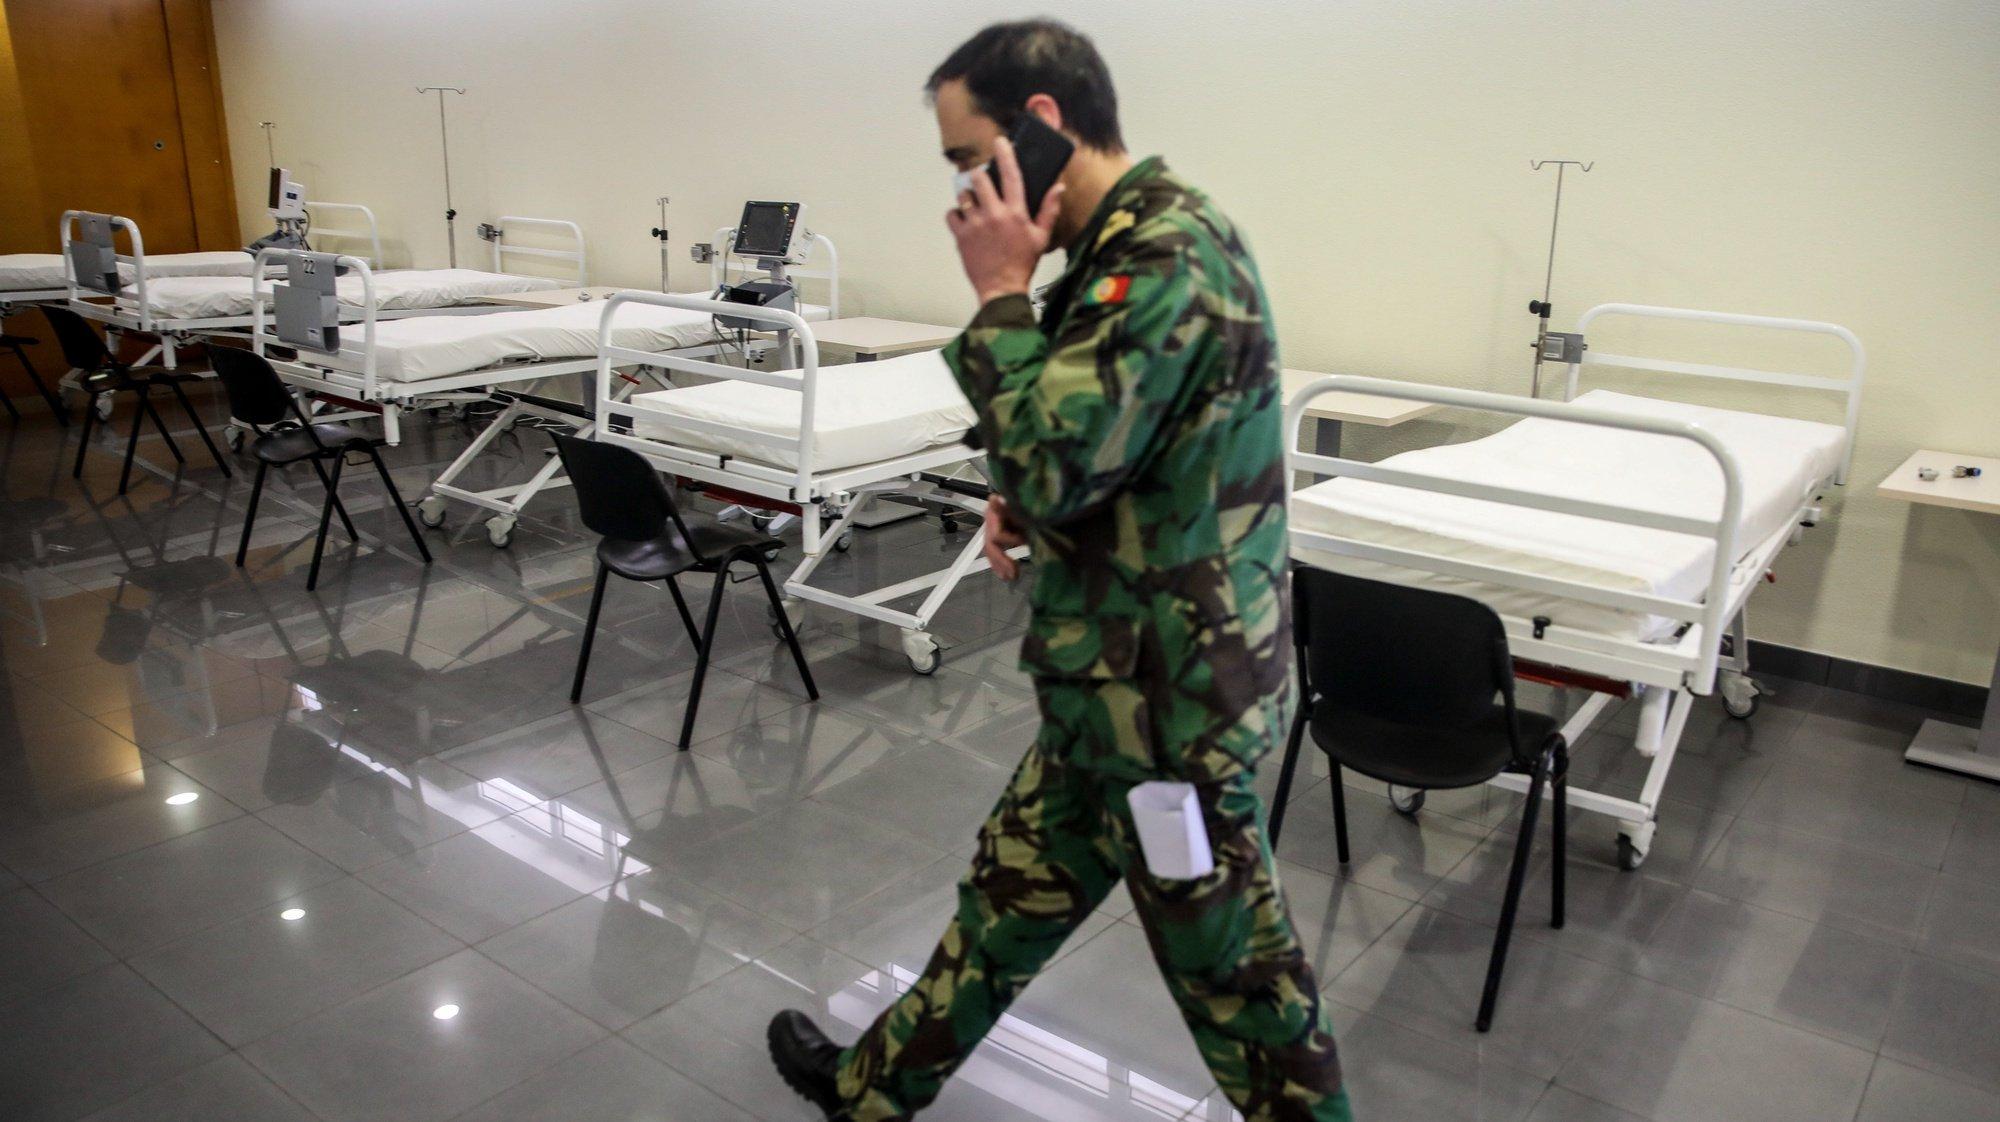 Polo de Lisboa do Hospital das Forças Armadas que aumentou a capacidade disponibilizada por esta unidade hospitalar, de camas de internamento e de cuidados intensivos para doentes com COVID-19, provenientes do Serviço Nacional de Saúde, Lisboa, 11 janeiro 2021.ANDRE KOSTERS / LUSA